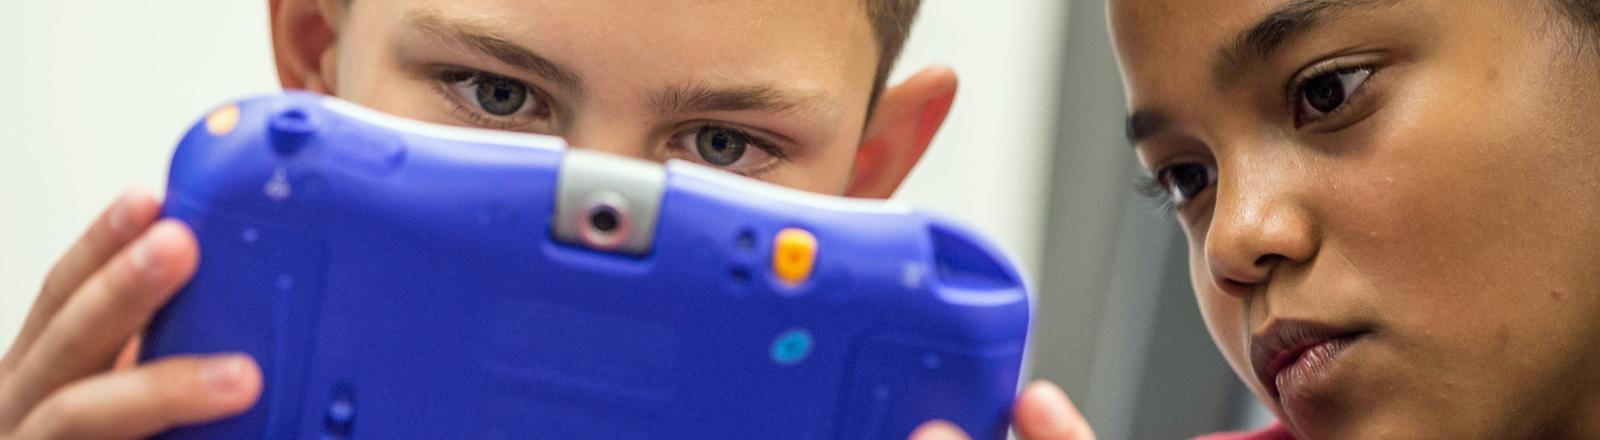 Viktor (12) und Chantal (11) begutachten einen Tablet-Computer.